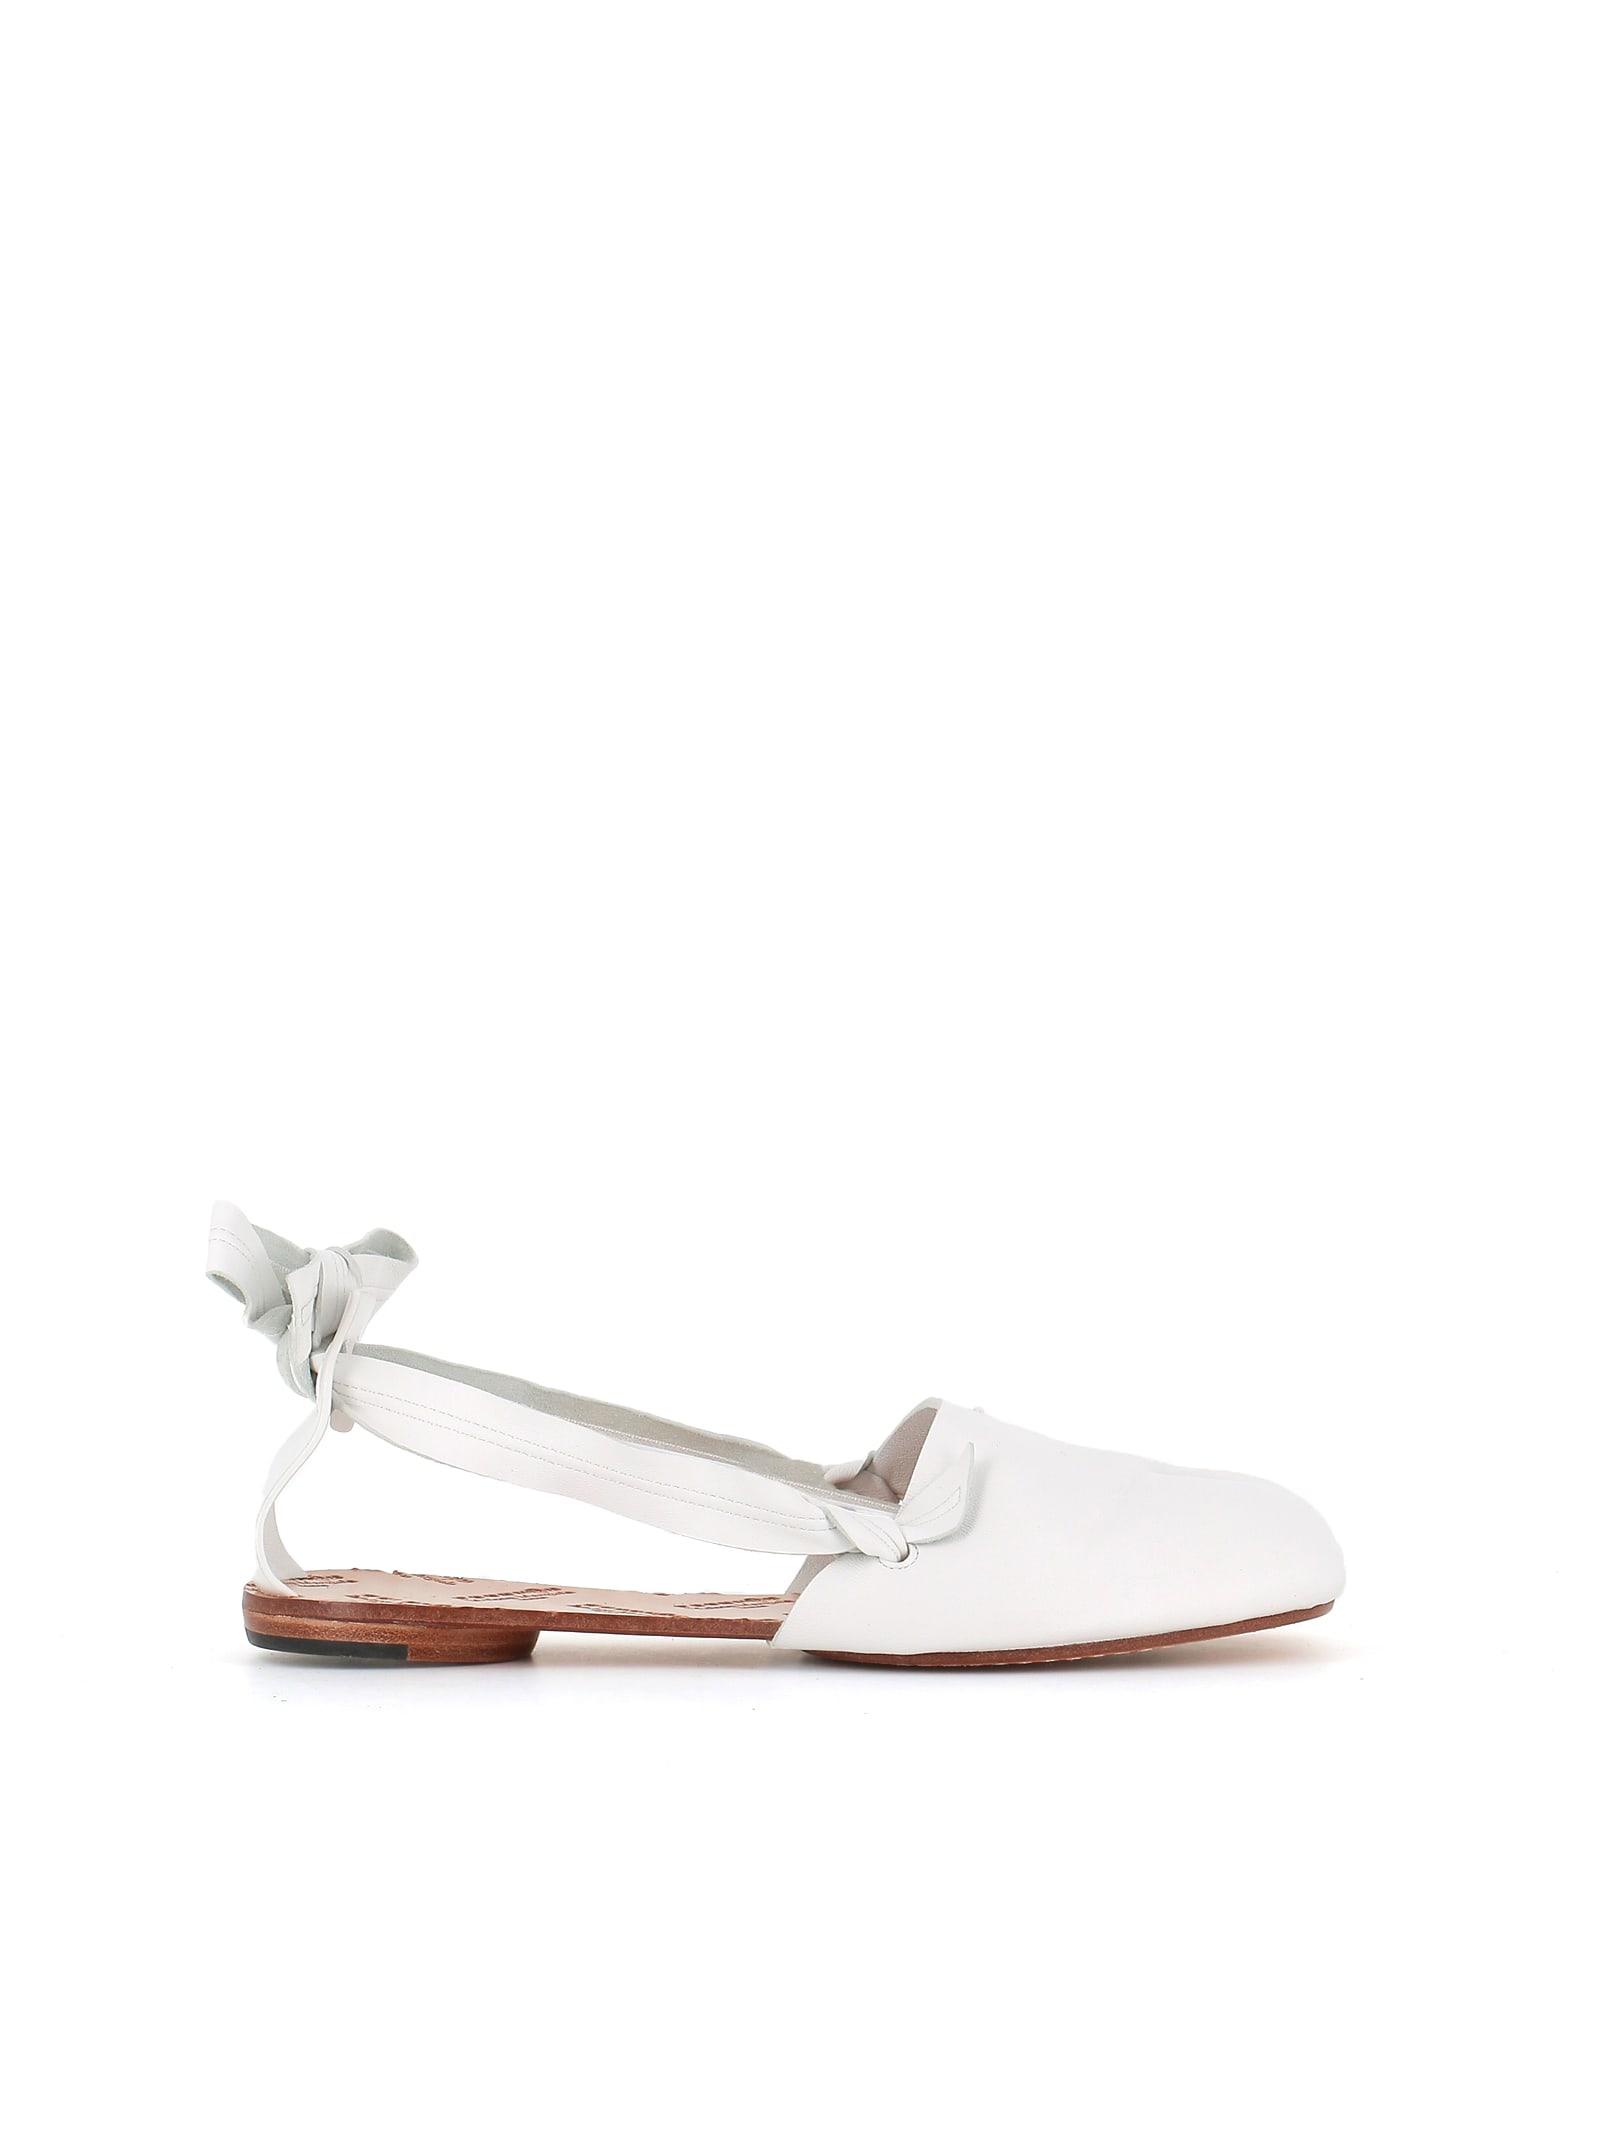 Buy Maison Margiela Ballerina online, shop Maison Margiela shoes with free shipping